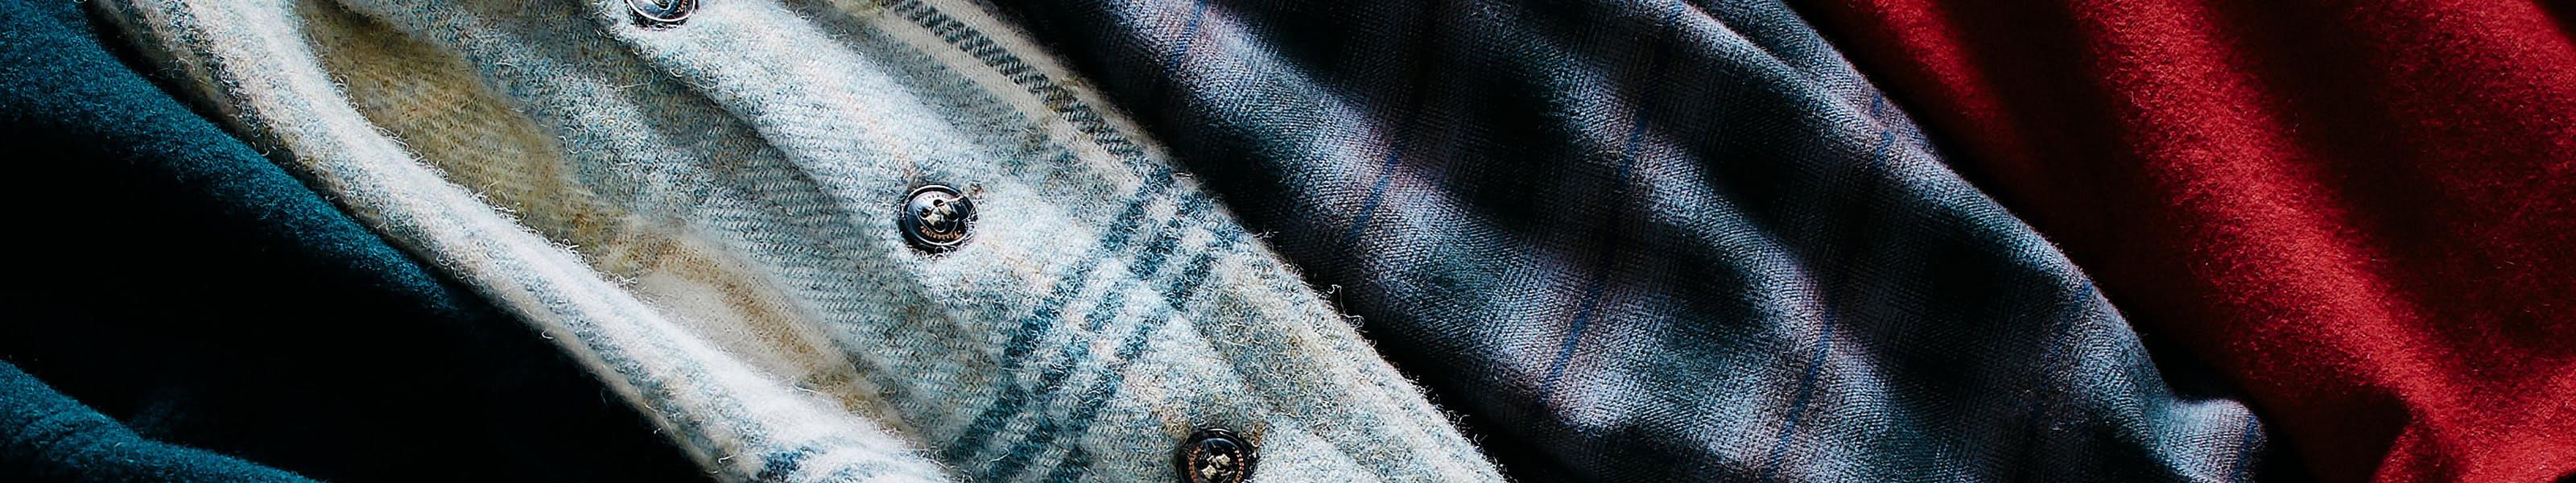 Header flannels.jpg?ixlib=rails 2.1